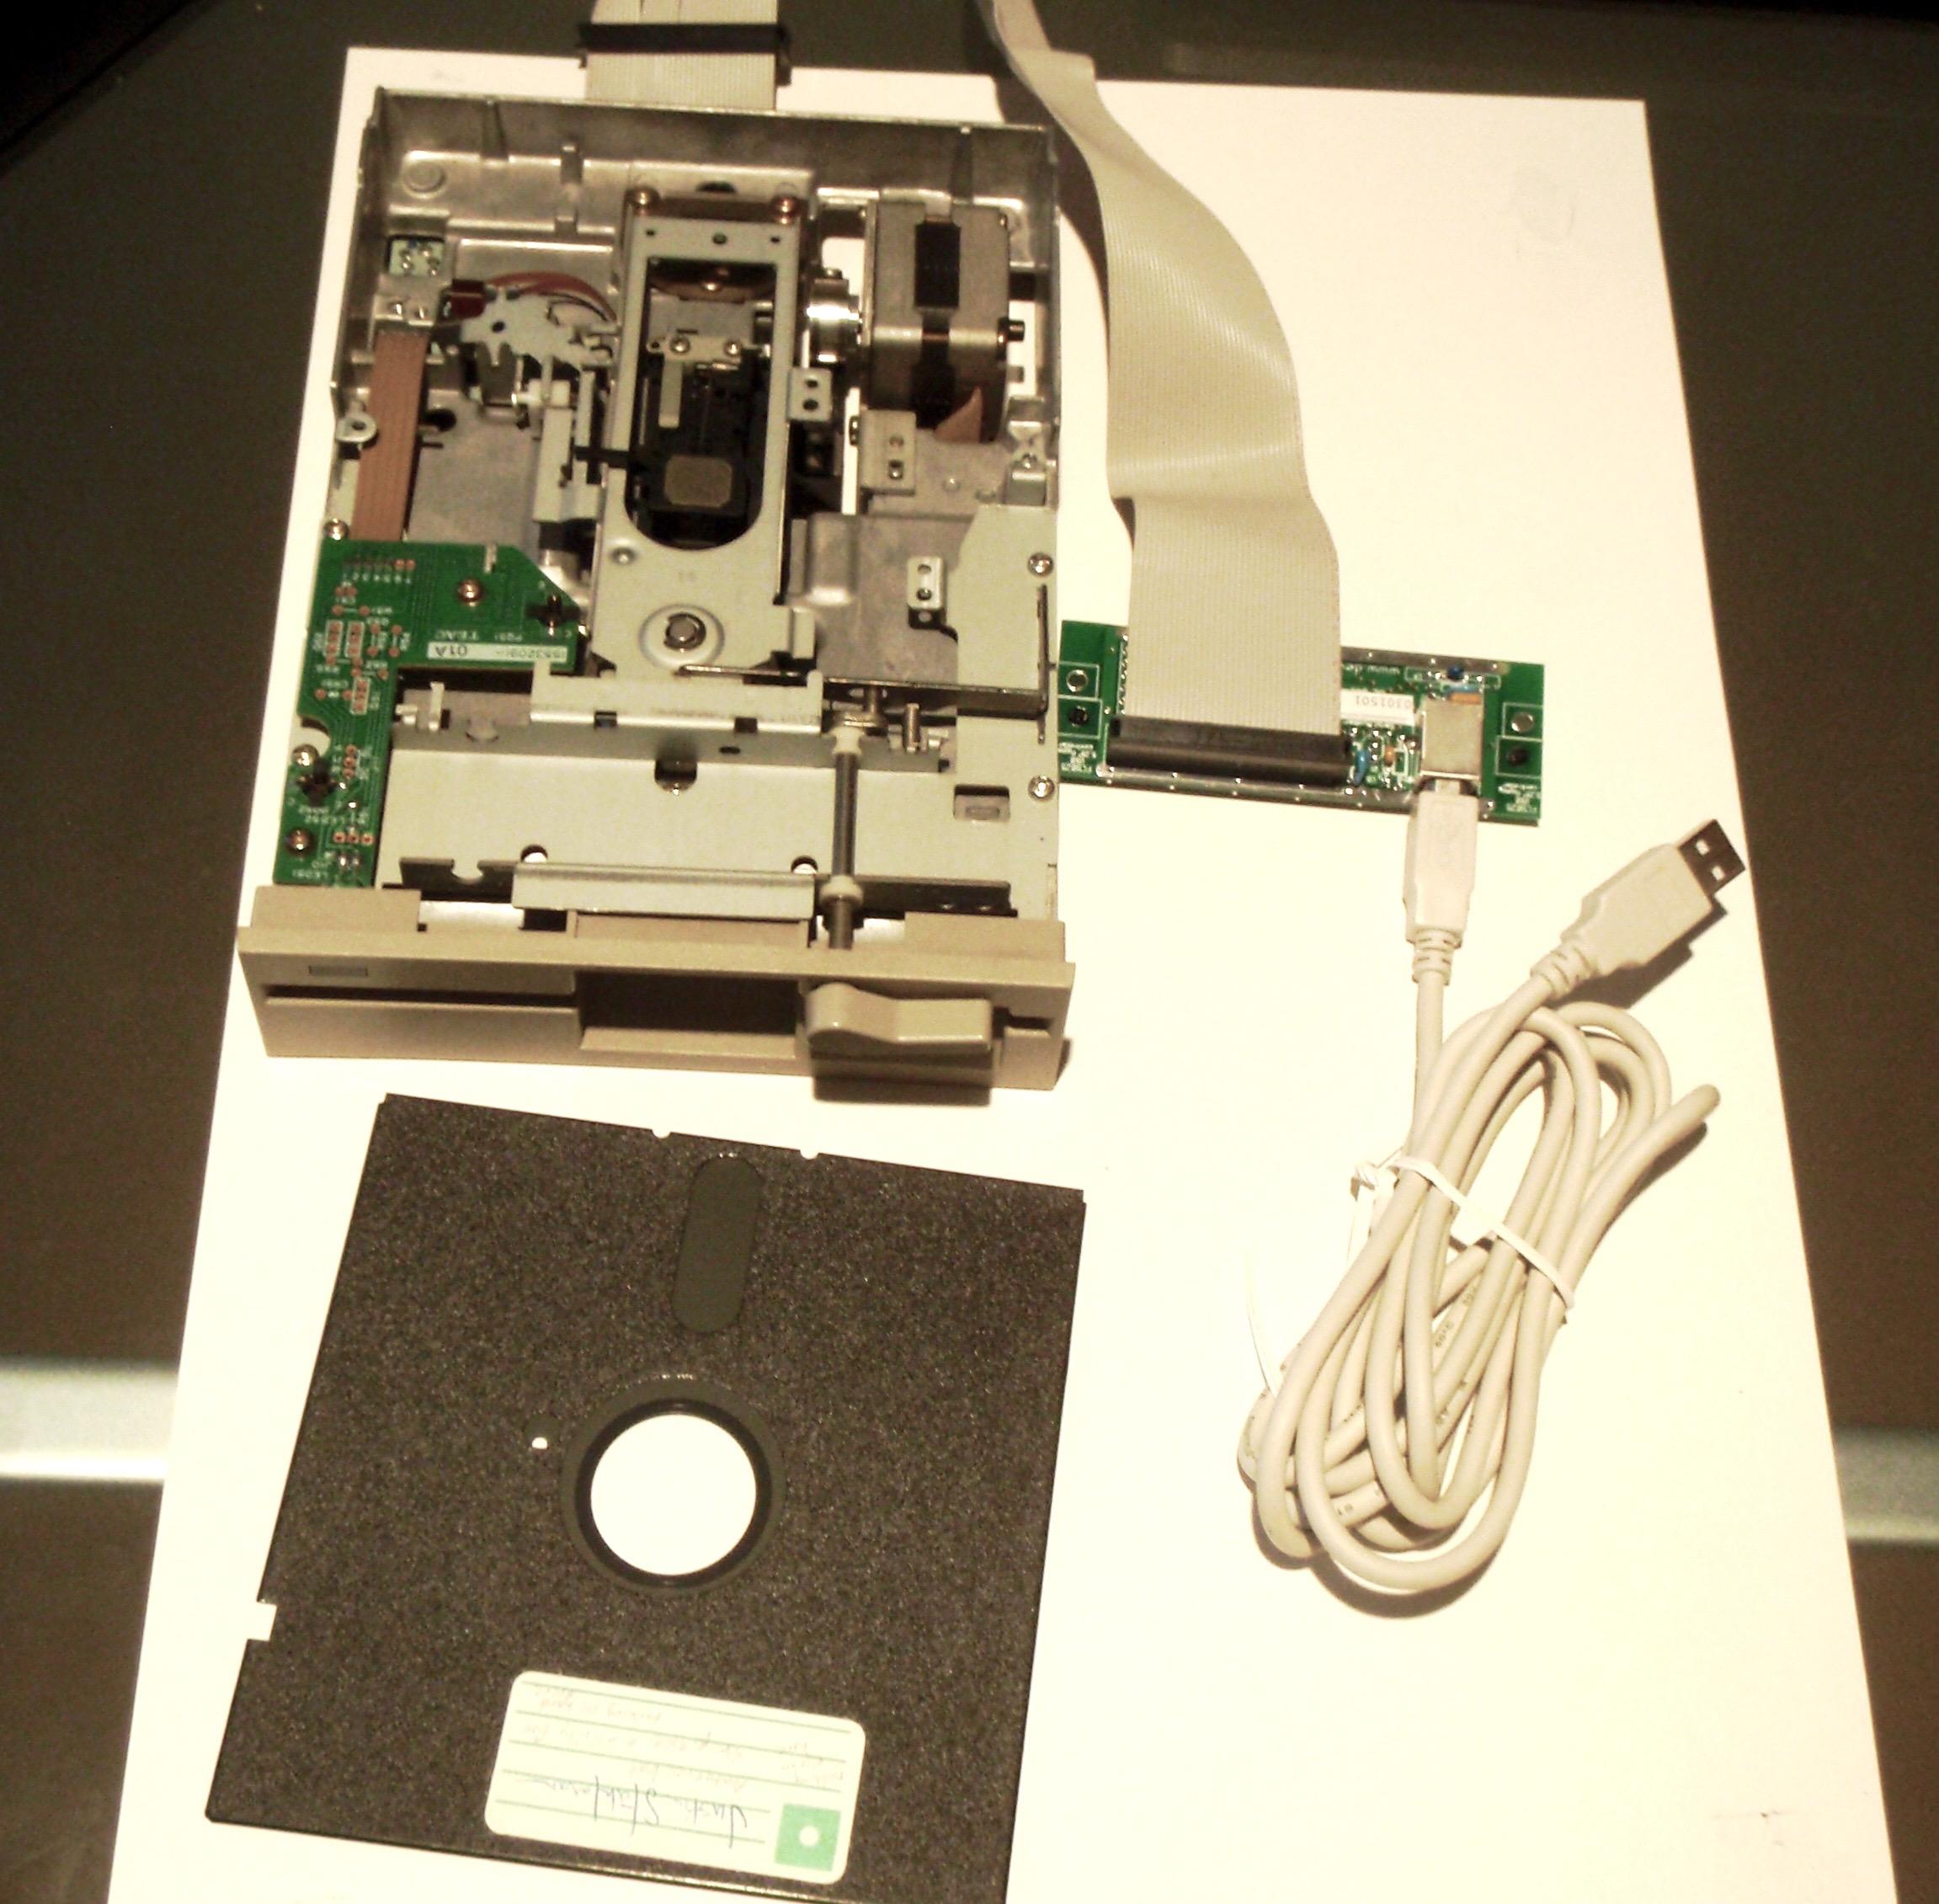 USB branché à un lecteur de disquettes 5,25 pouces TEAC FD-55GFR